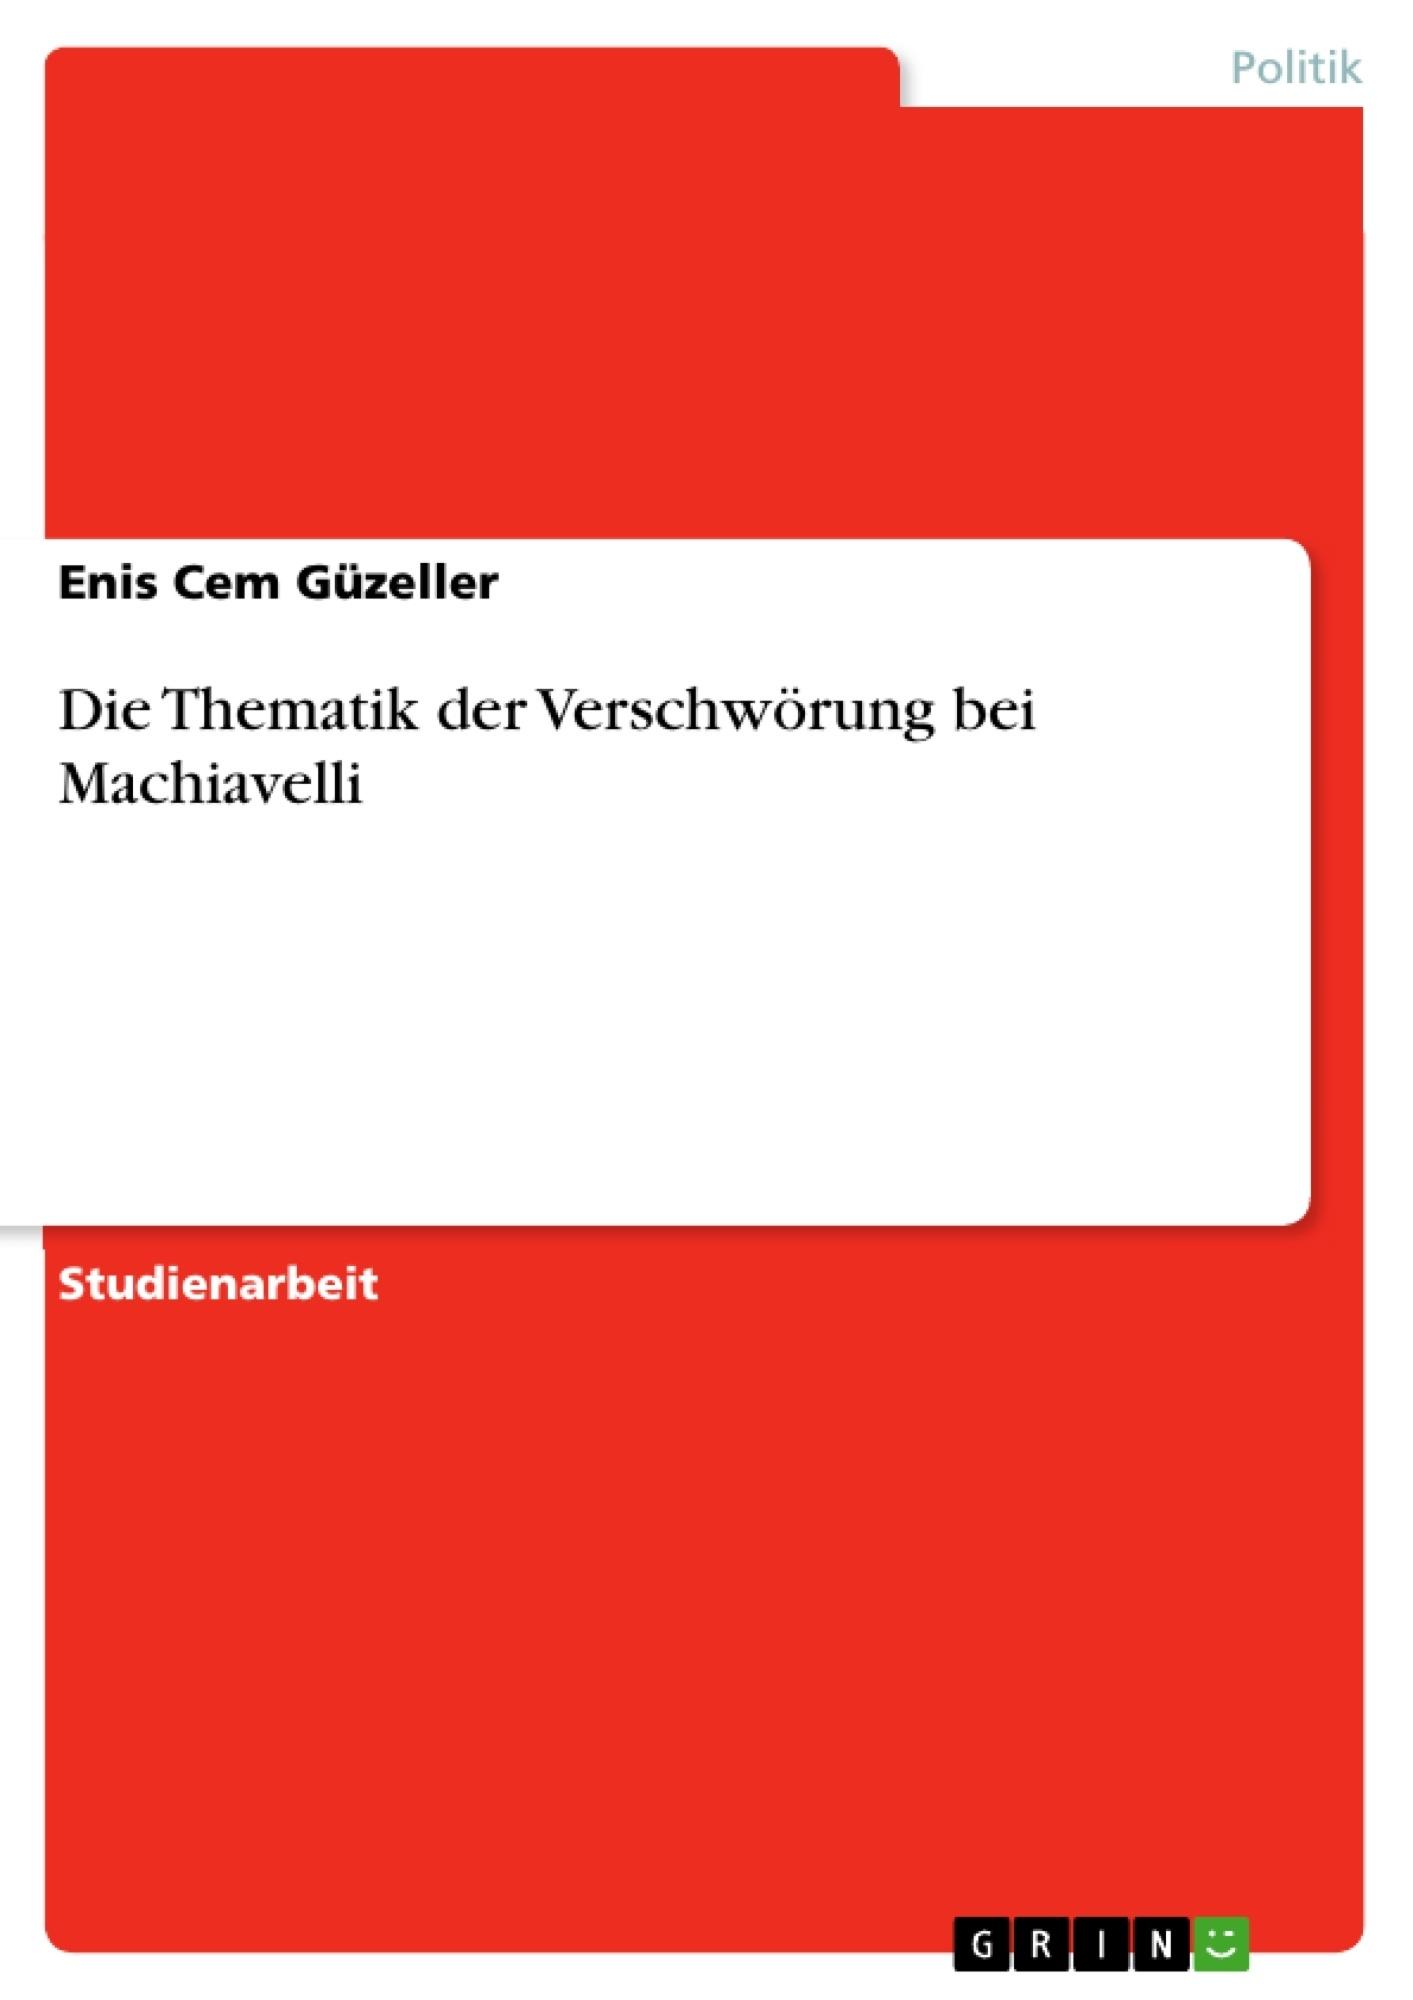 Titel: Die Thematik der Verschwörung bei Machiavelli